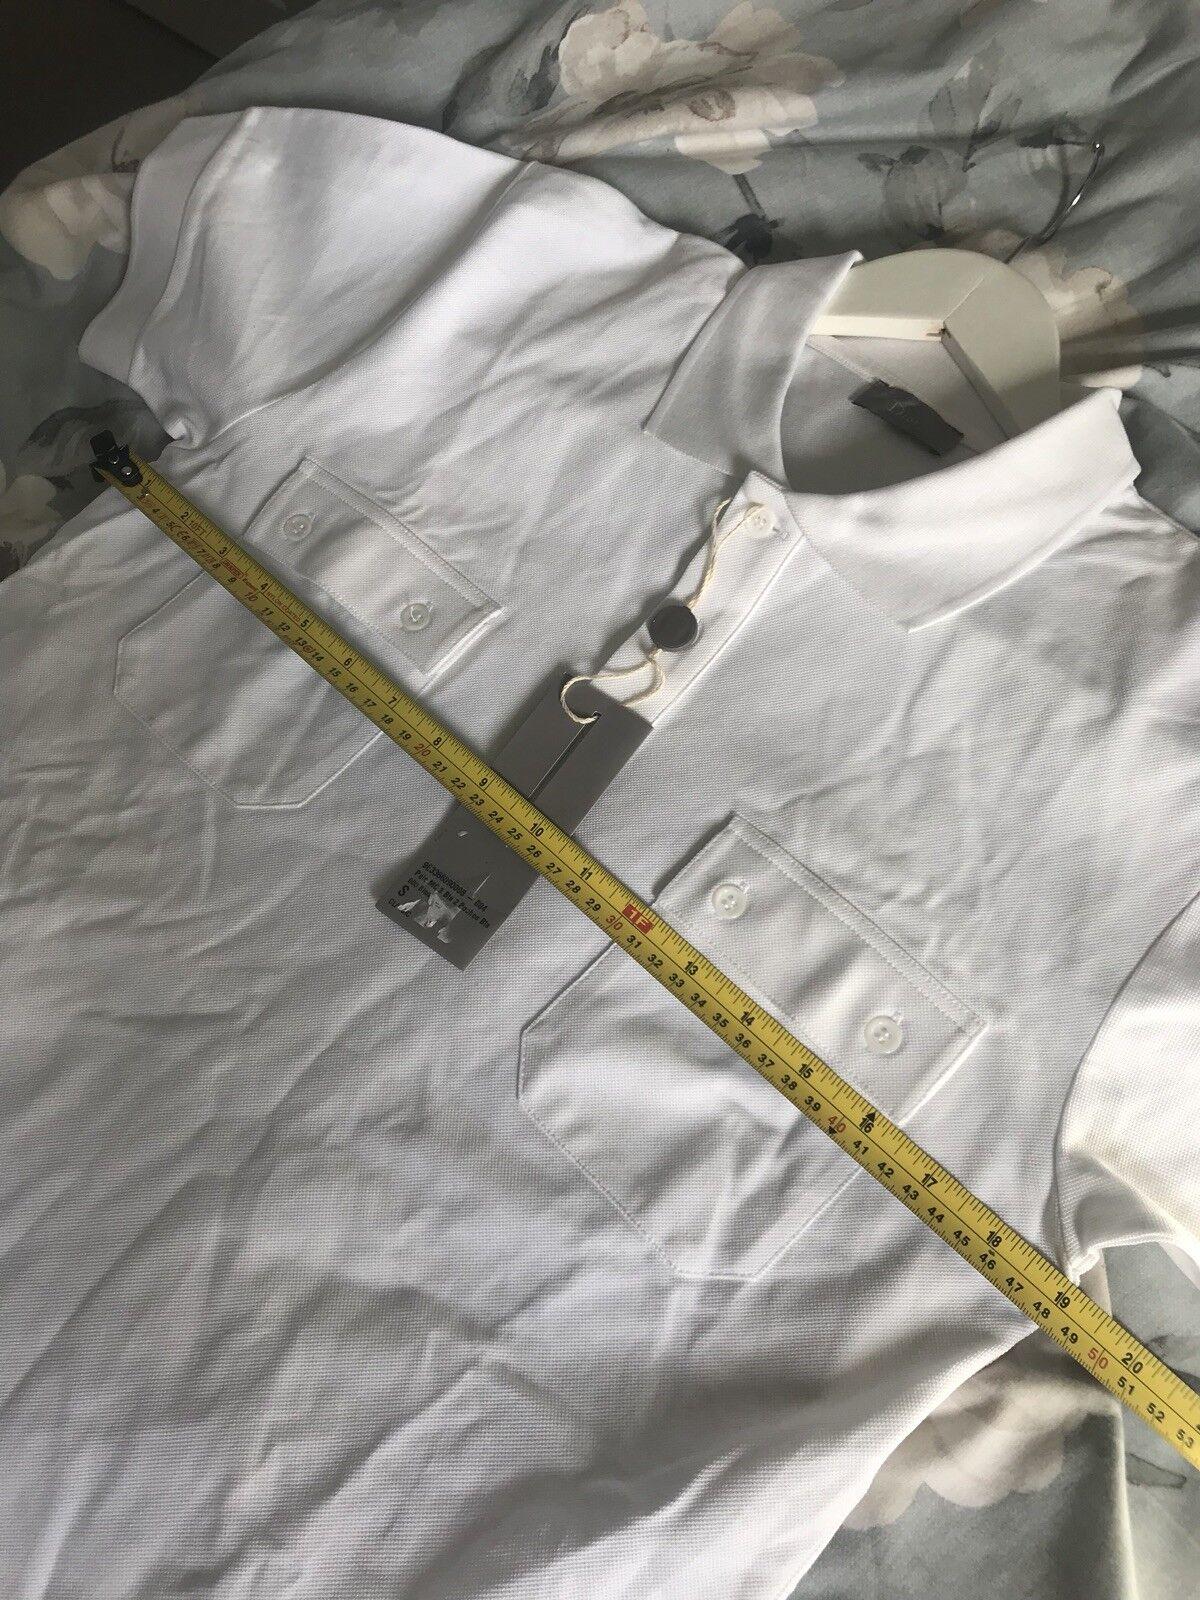 DIOR Homme Polo Uomo Polo Top Top Top T-shirt superbo autentico elemento ULTRA RARA 452c7c